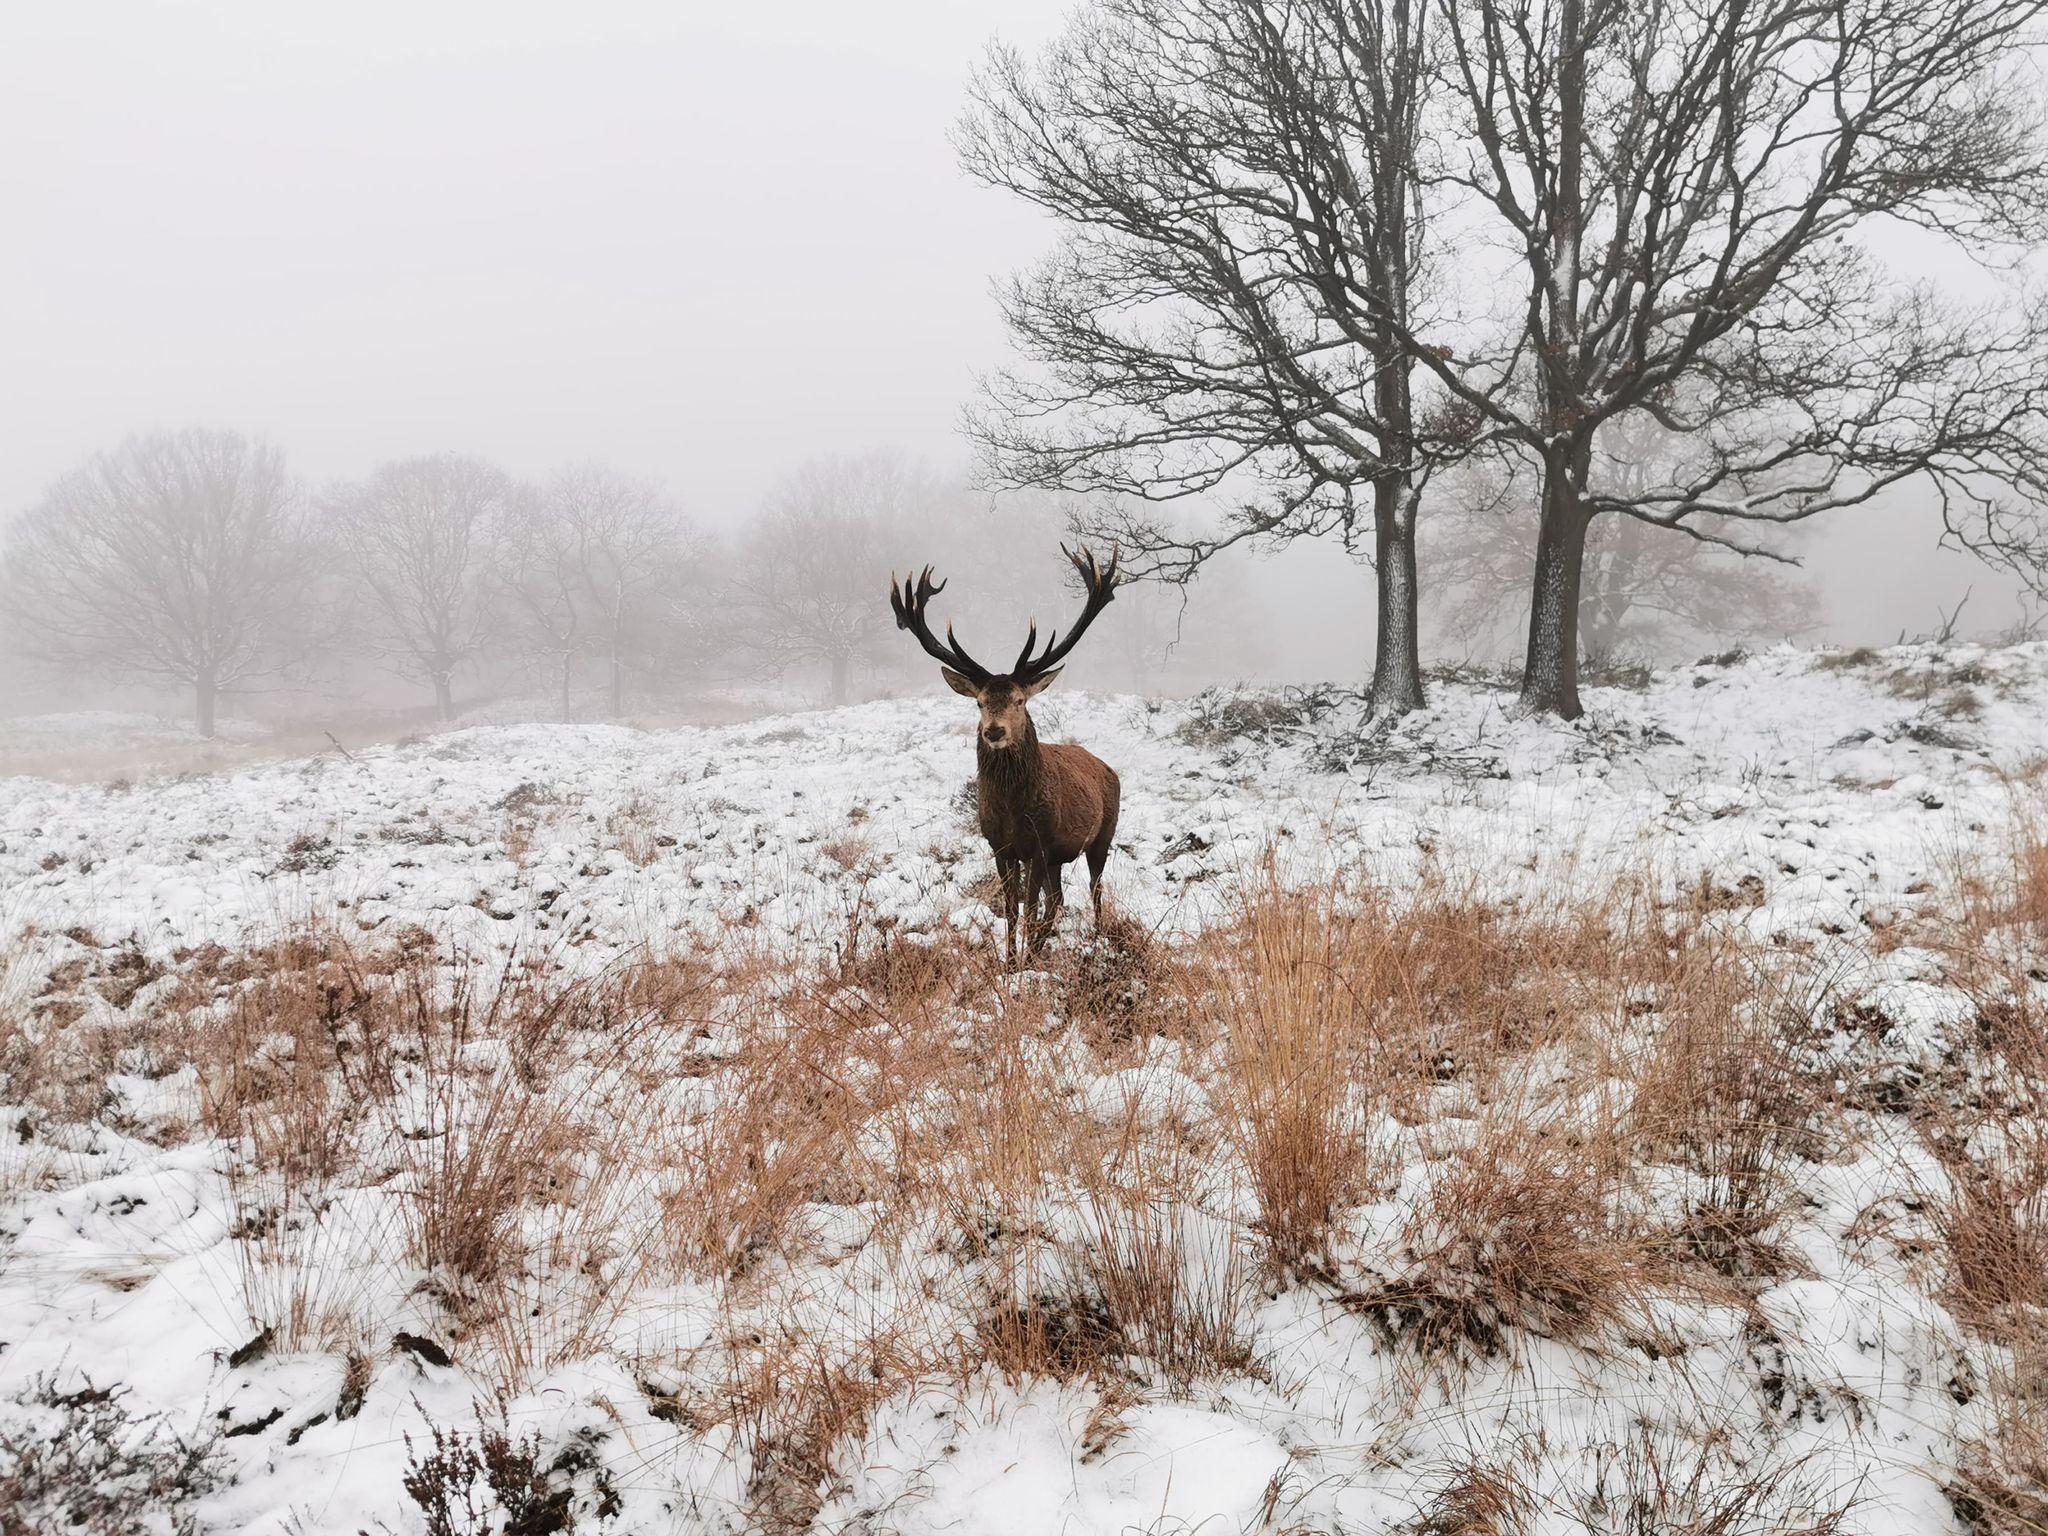 Hubertus kijkt nieuwsgierig nar de voorbijganger in het veld - Foto: ©Melvin Bloem